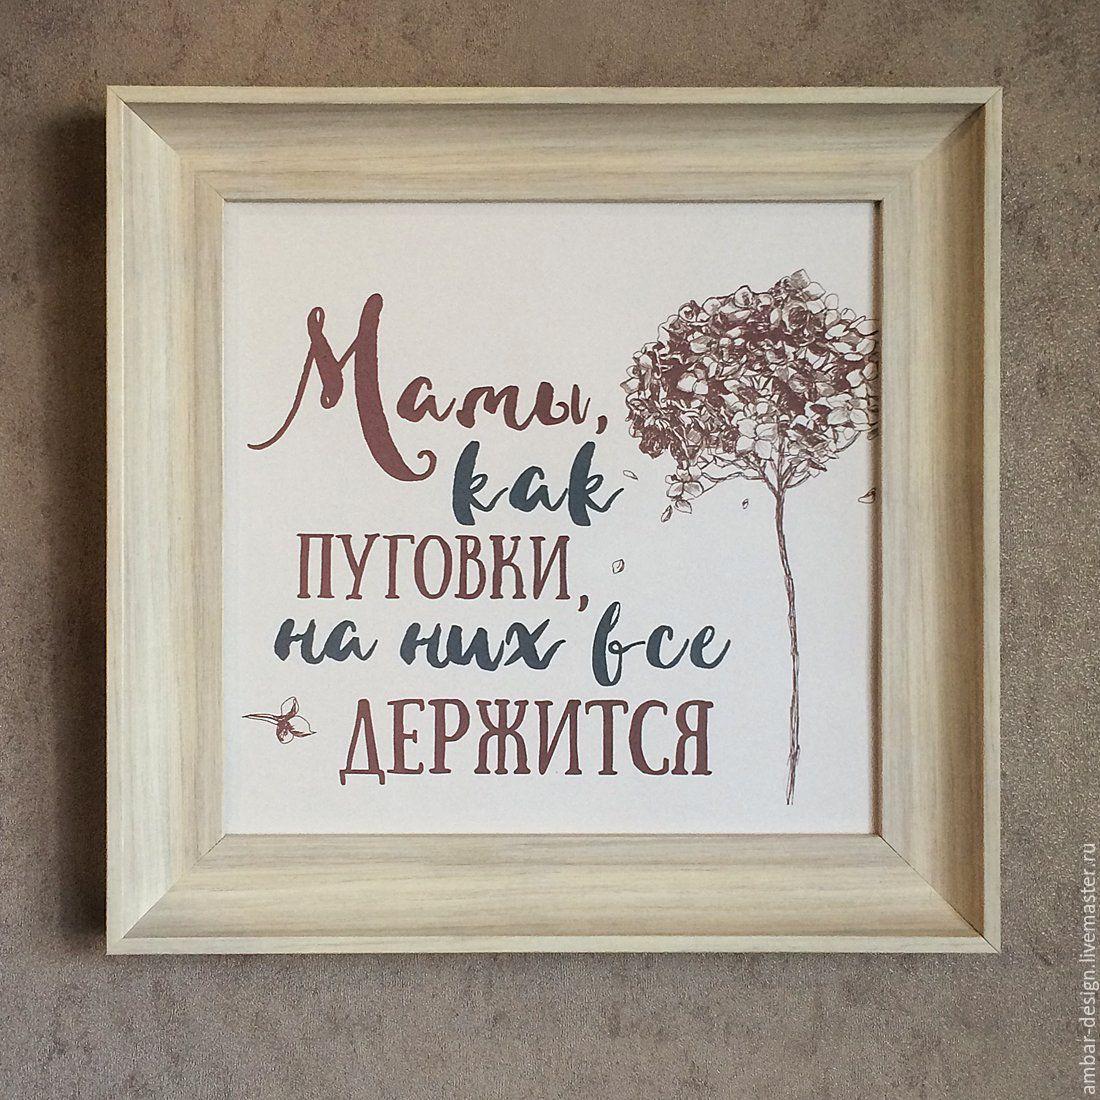 Сонник, открытки мамы они как пуговки на них все держится